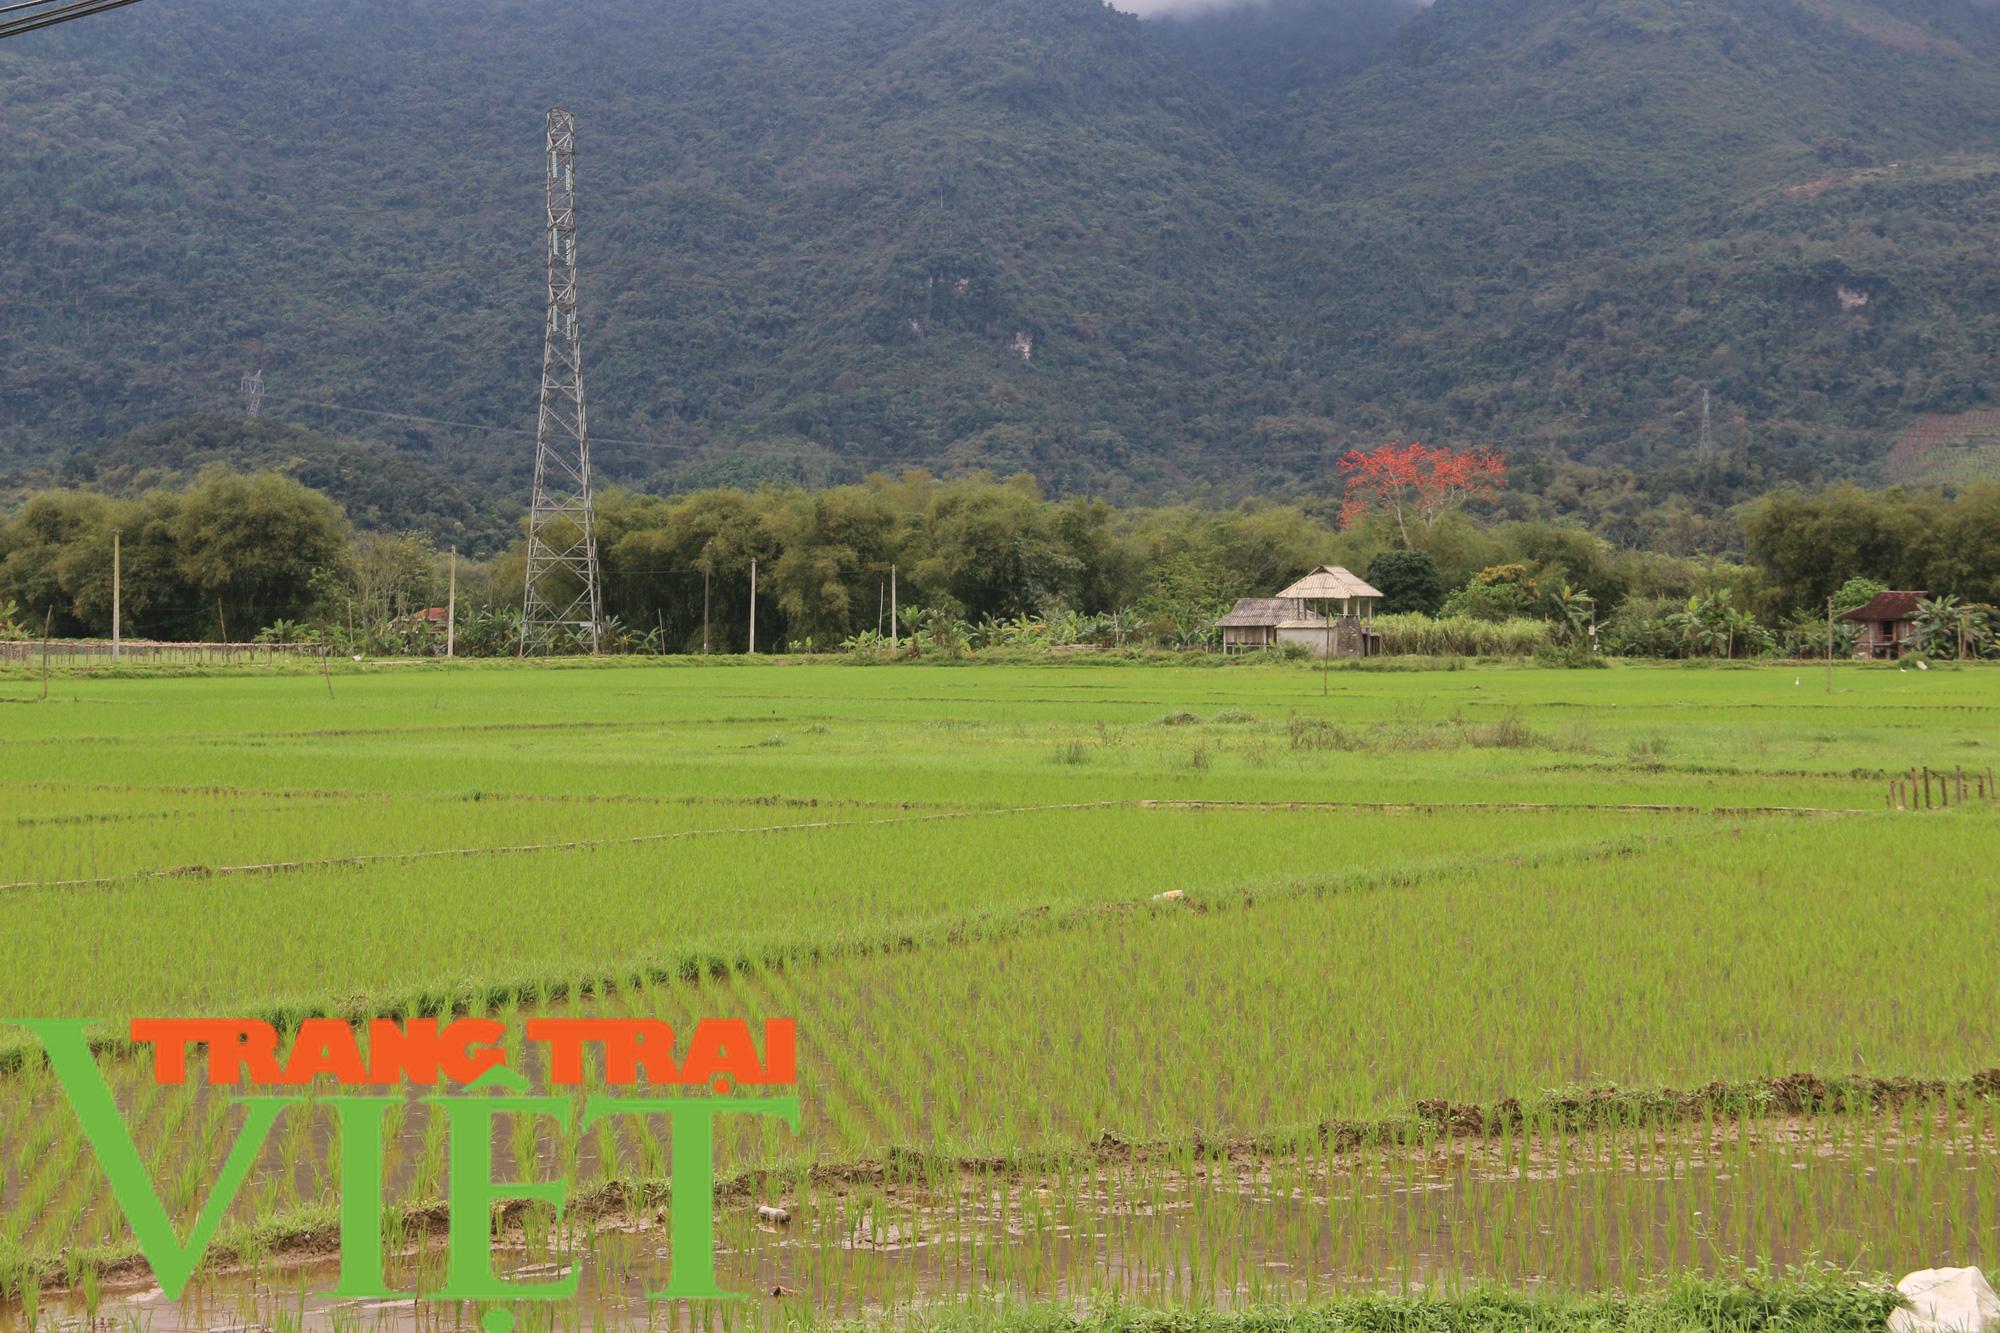 Hoà Bình: Đẩy mạnh công tác xây dựng nông thôn mới - Ảnh 6.